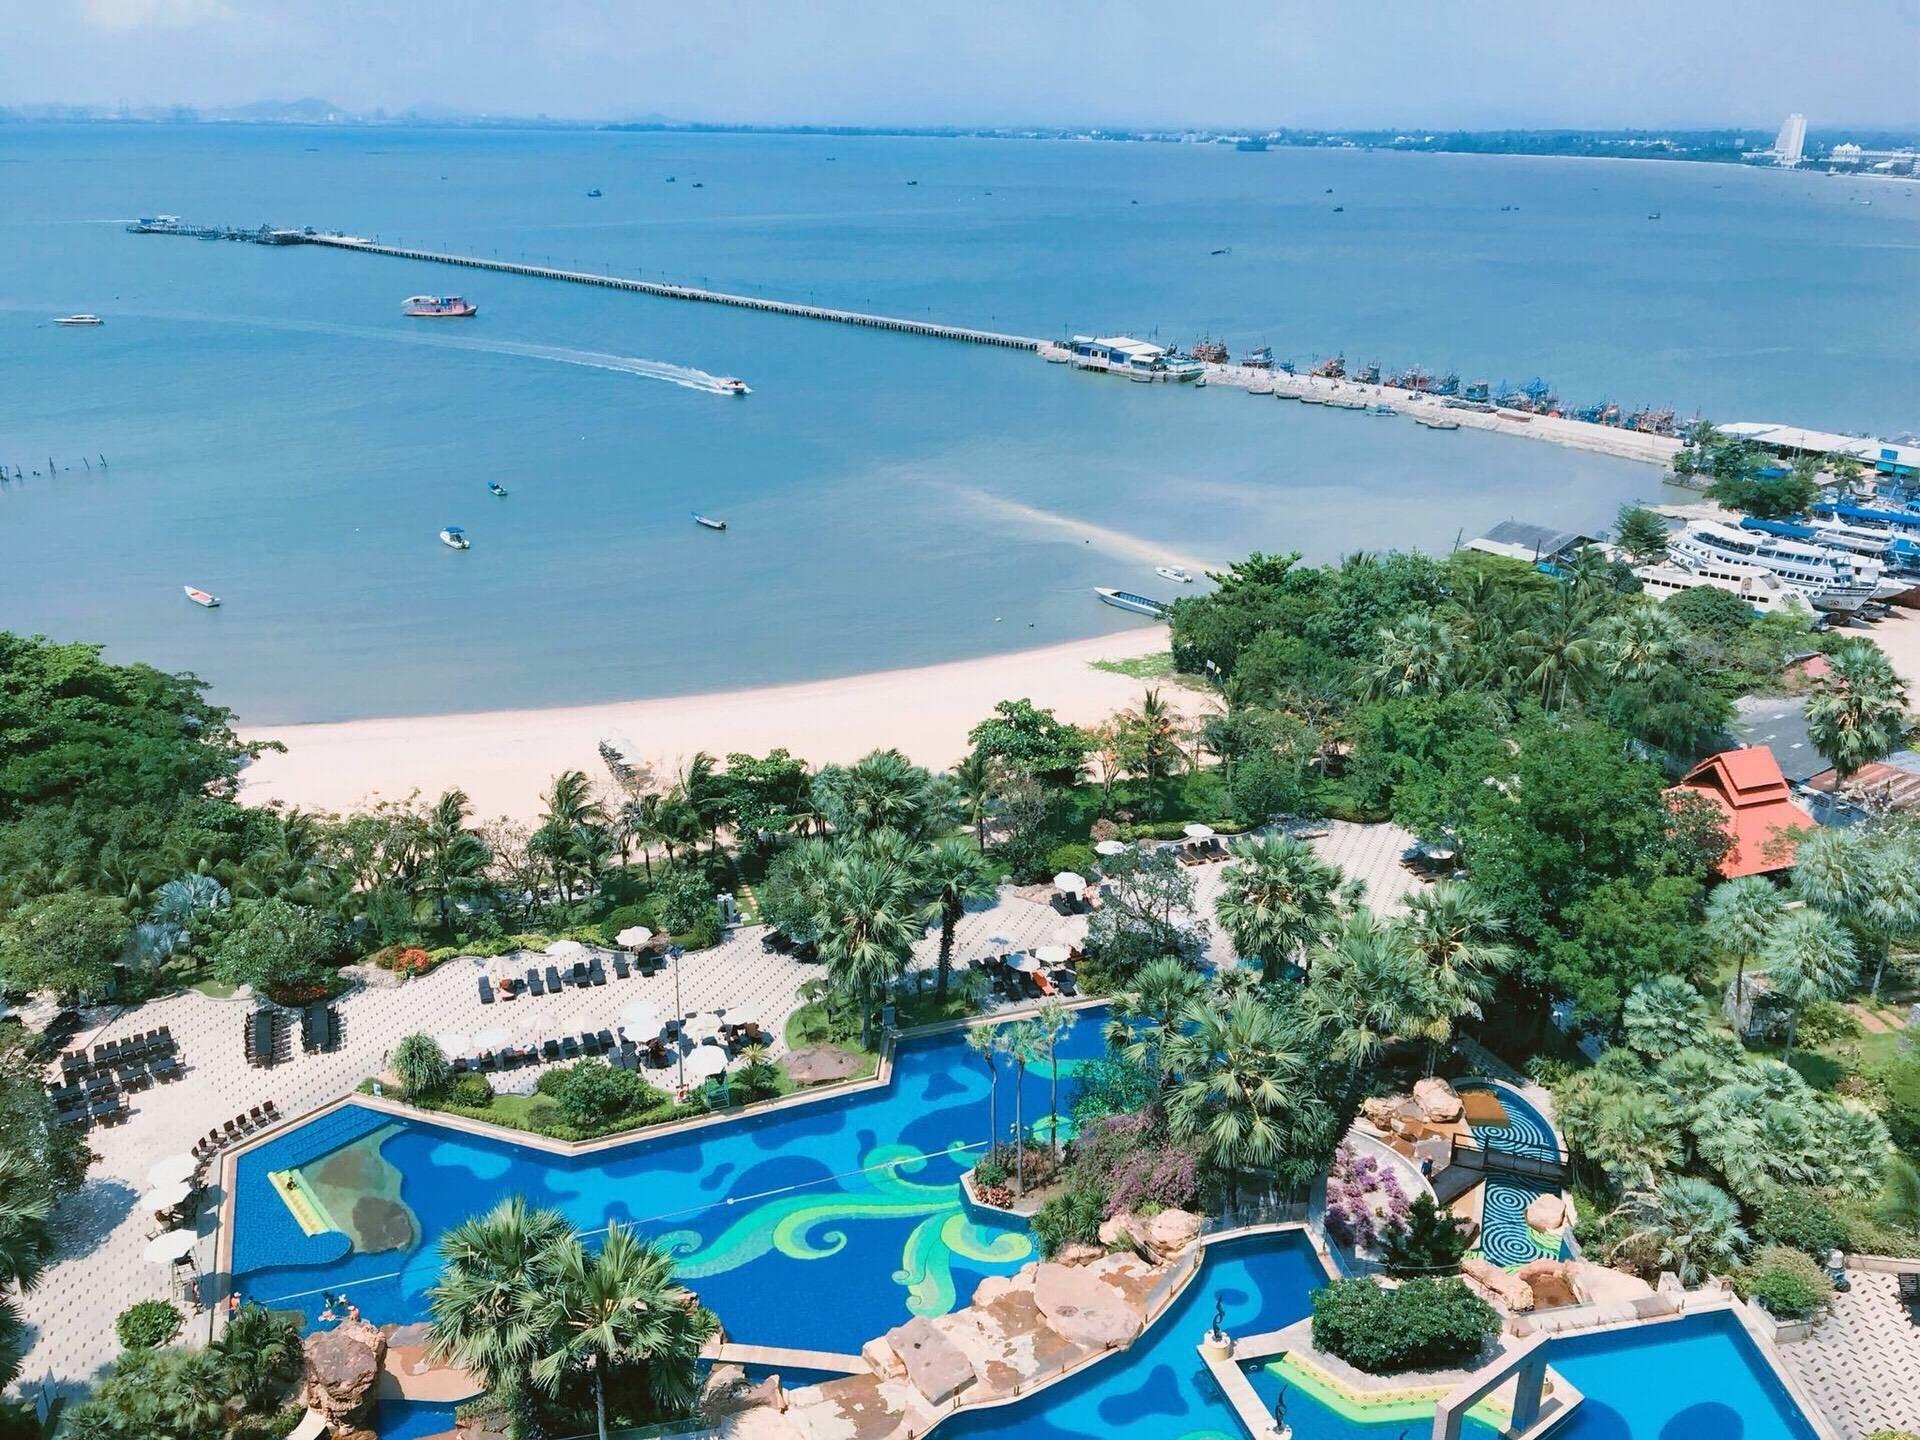 เราจองเป็นห้องพักแบบ Sea View มองออกไปก็จะเห็นวิวสระว่ายน้ำของโรงแรมและชายหาด